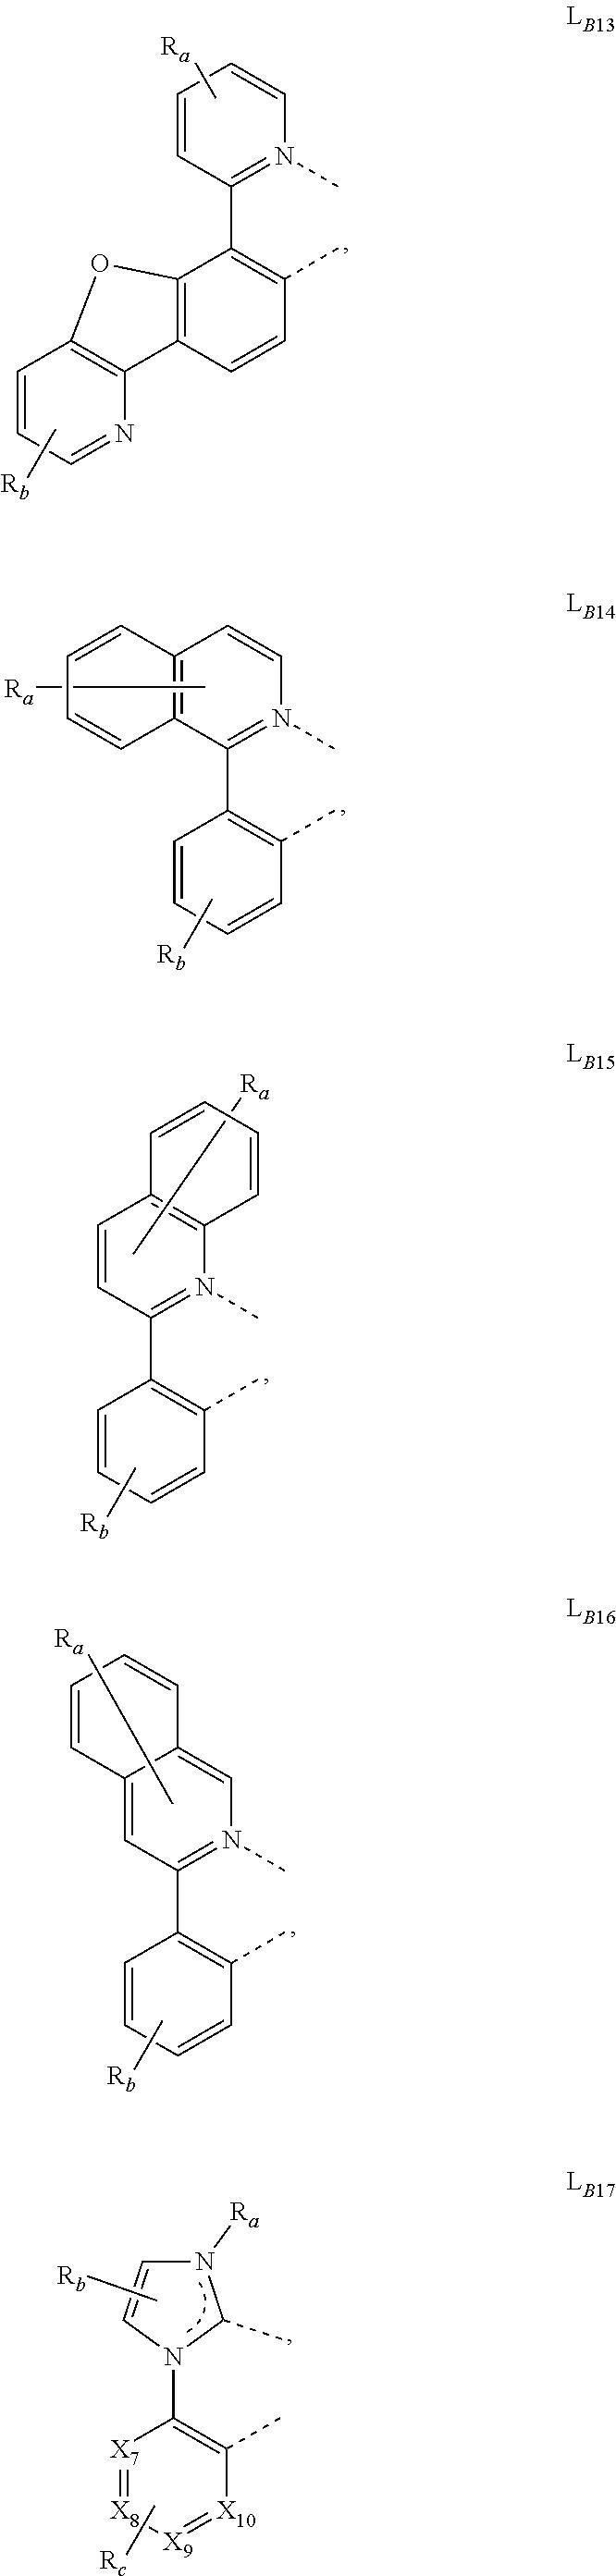 Figure US10121975-20181106-C00225